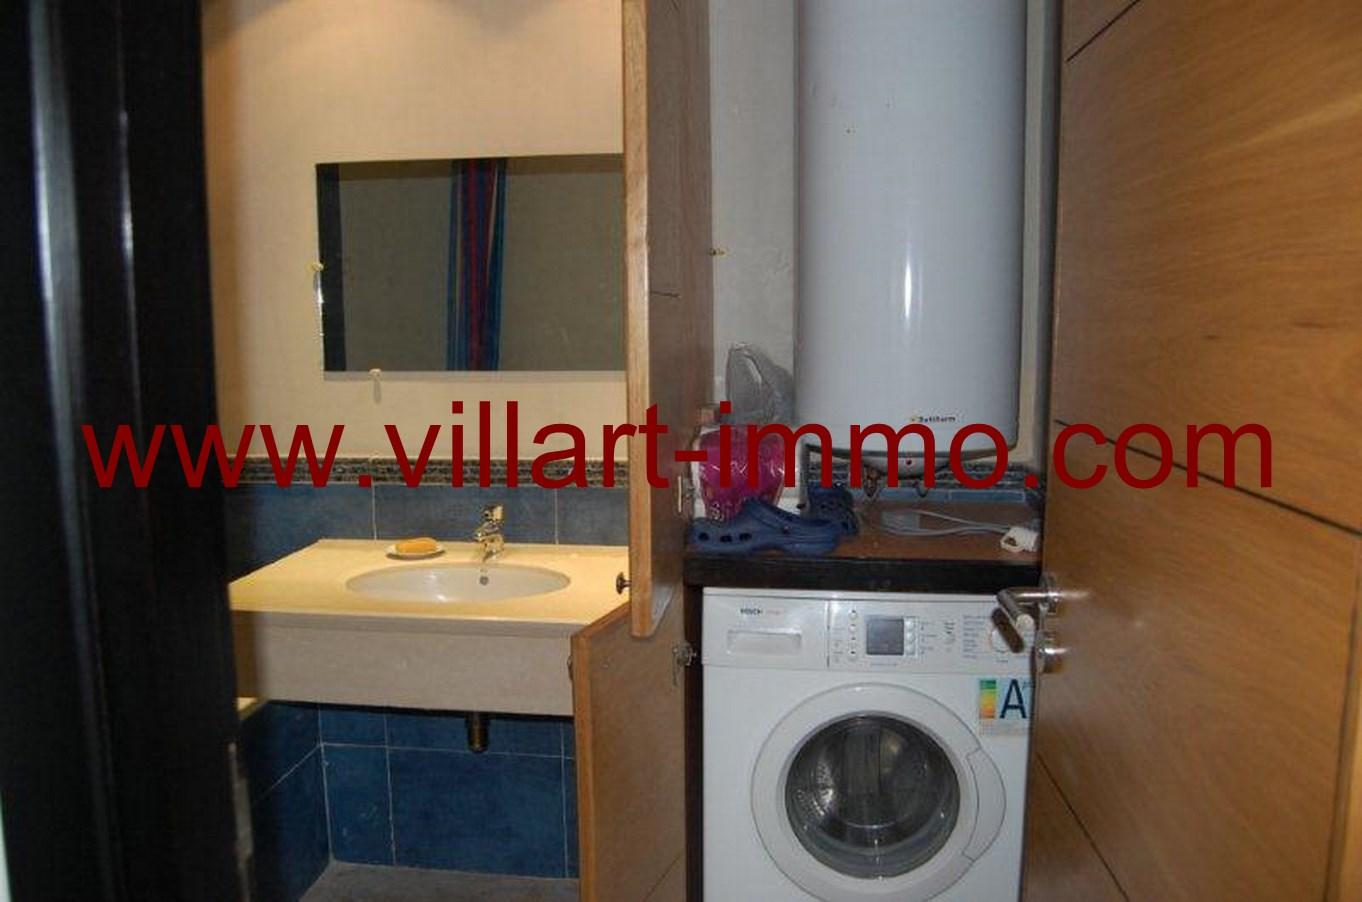 7-Location-Appartement-meublé-Tanger-salle de bain -L678-Villart-immo